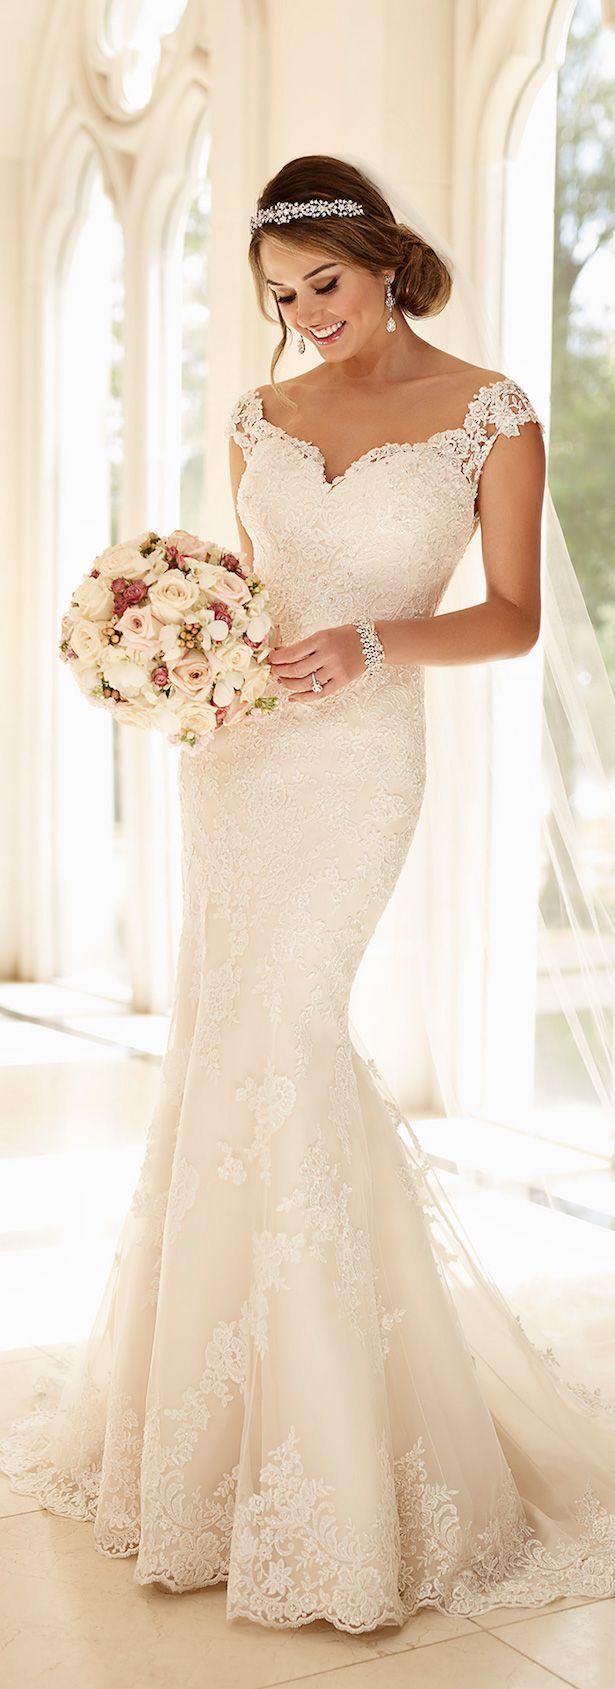 Southern style wedding dresses   Beste weg von der Schulter Brautkleider  Stella york Bridal